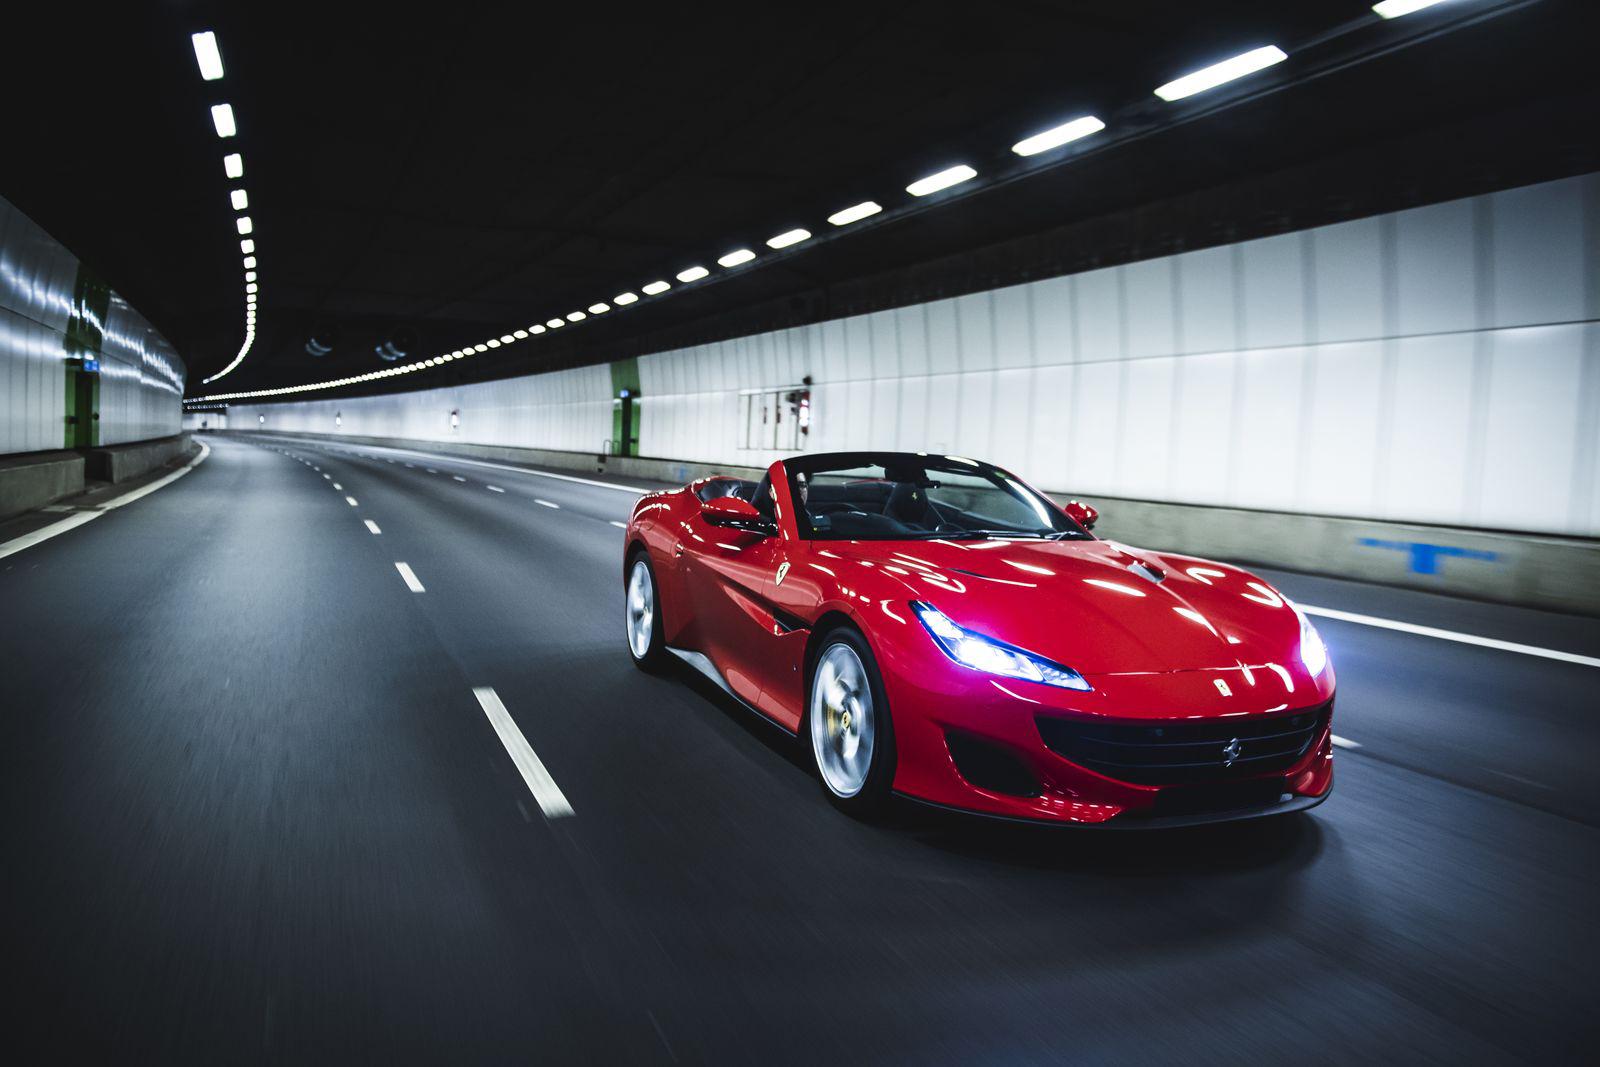 Ferrari Portofino (Photo: Ferrari)